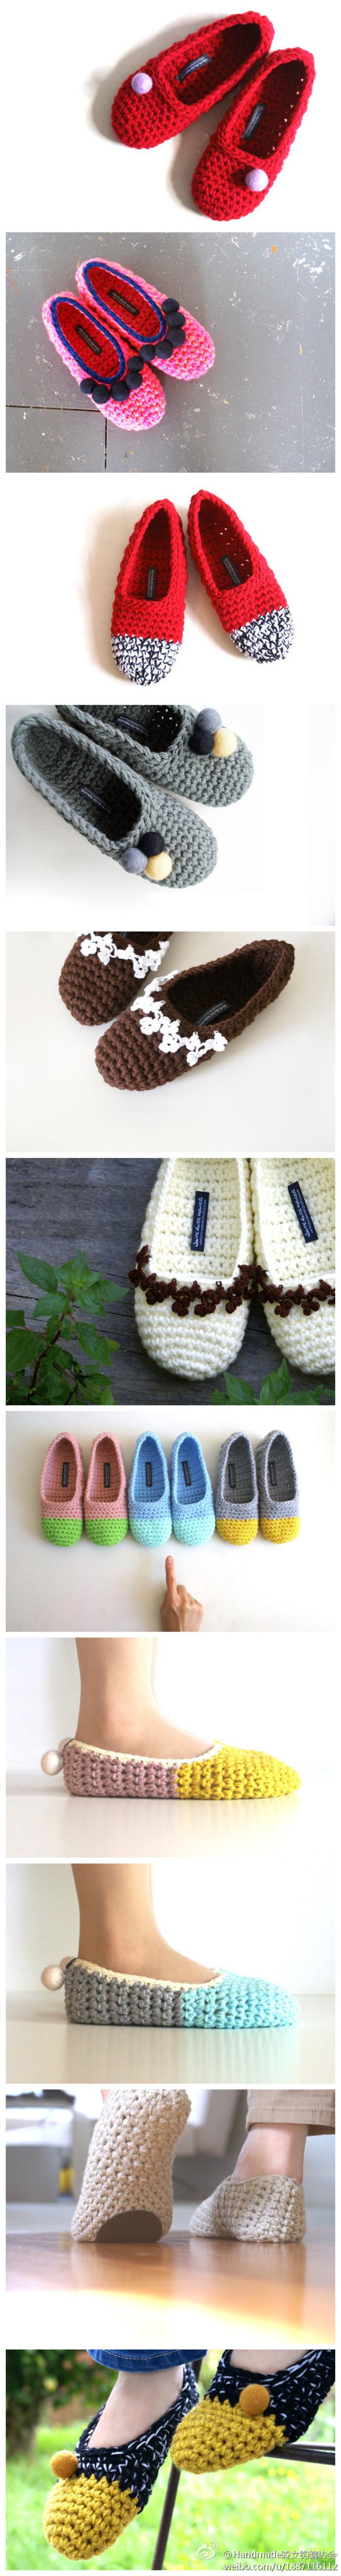 用毛线编织的可爱鞋子